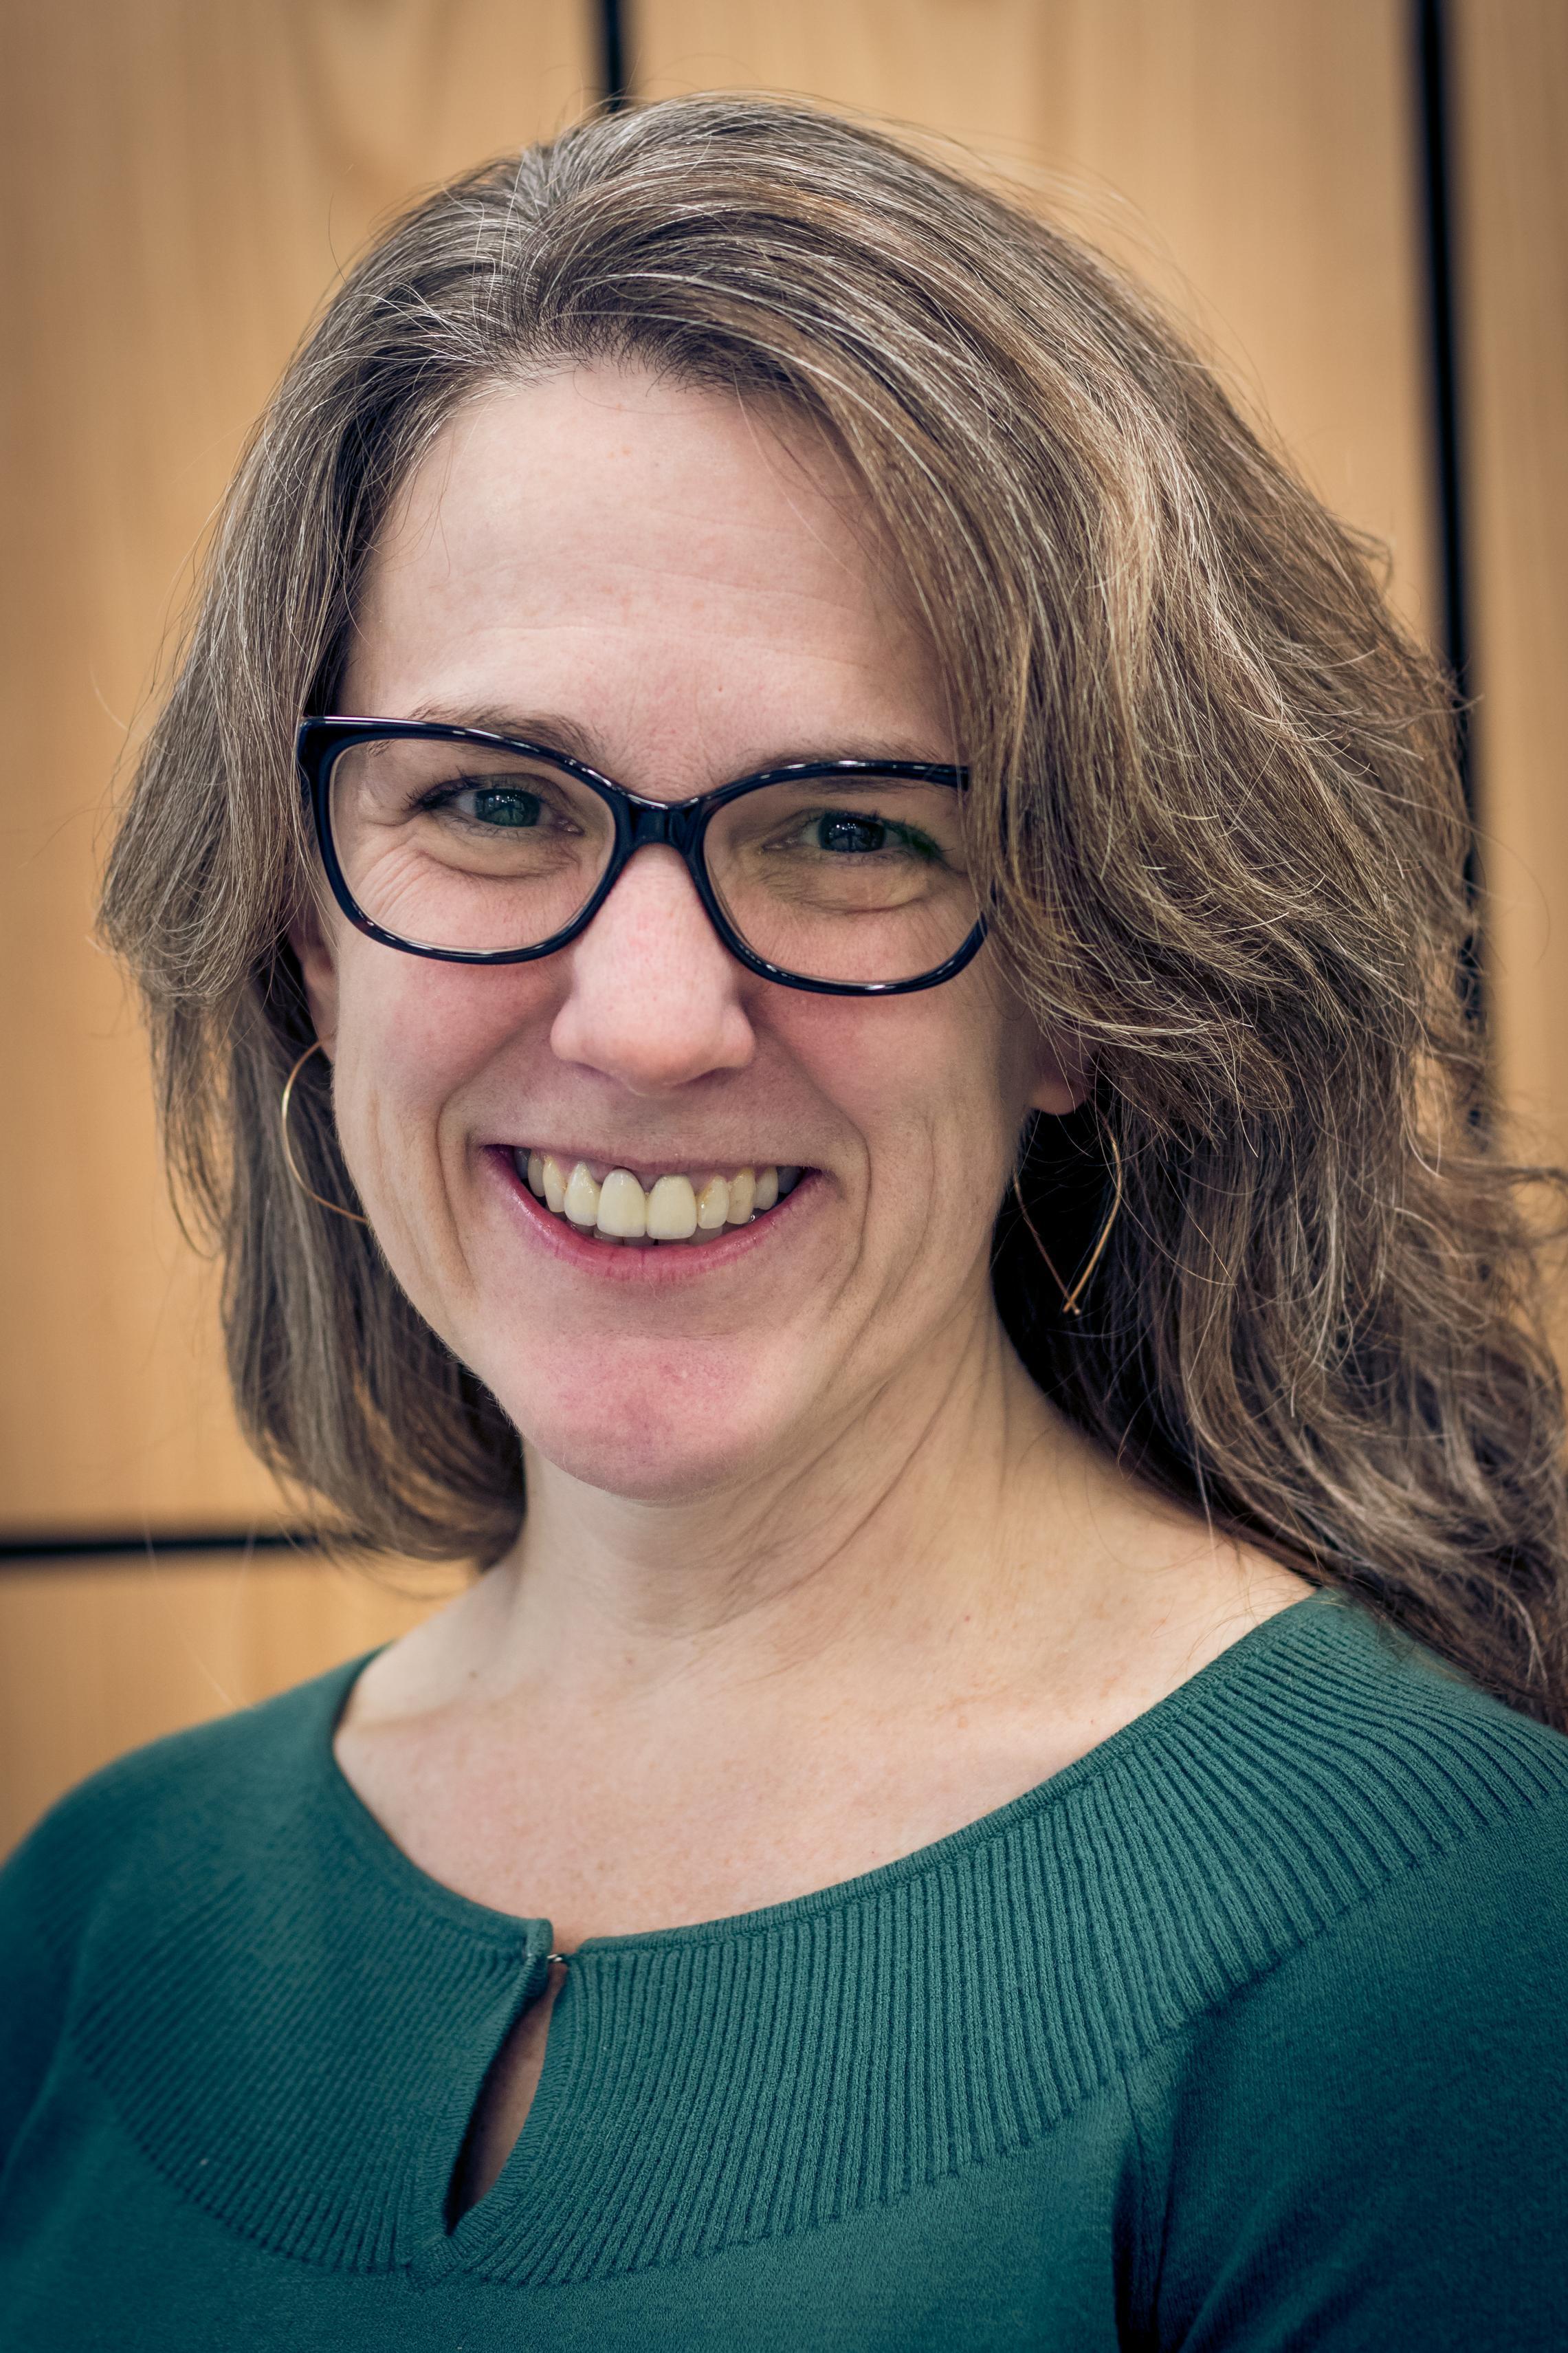 Katherine Tegtmeyer Pak